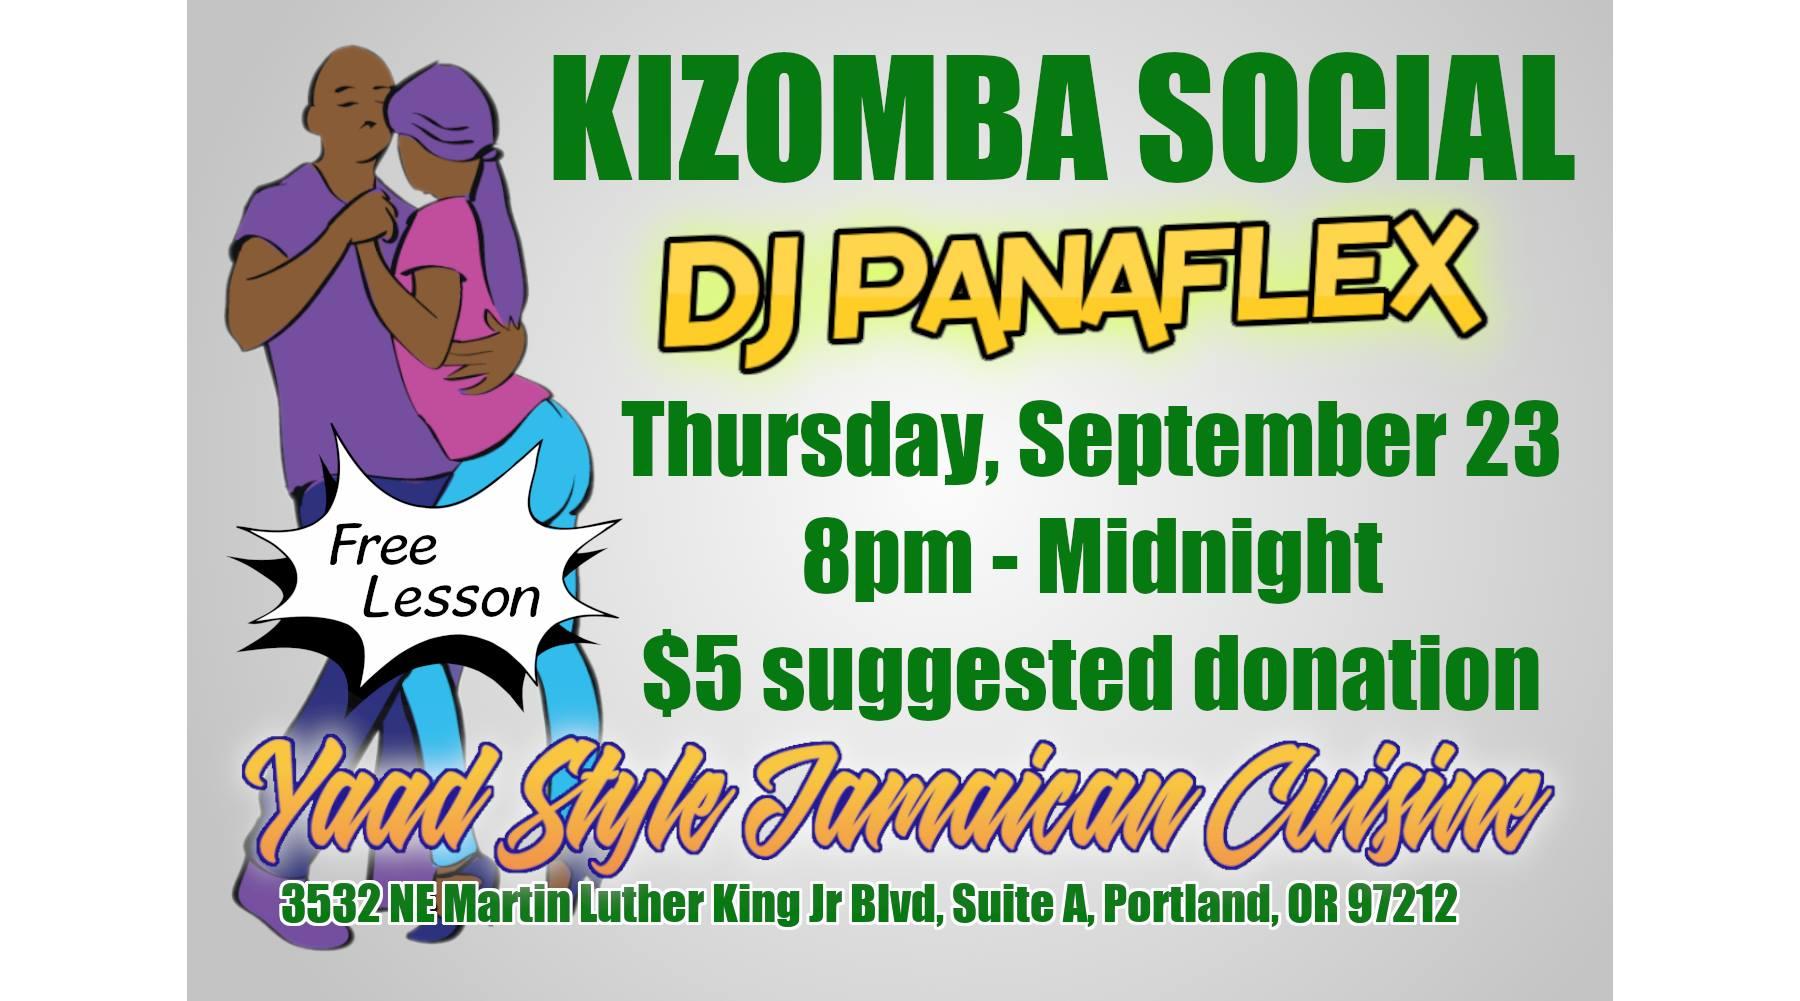 Kizomba Social XVI